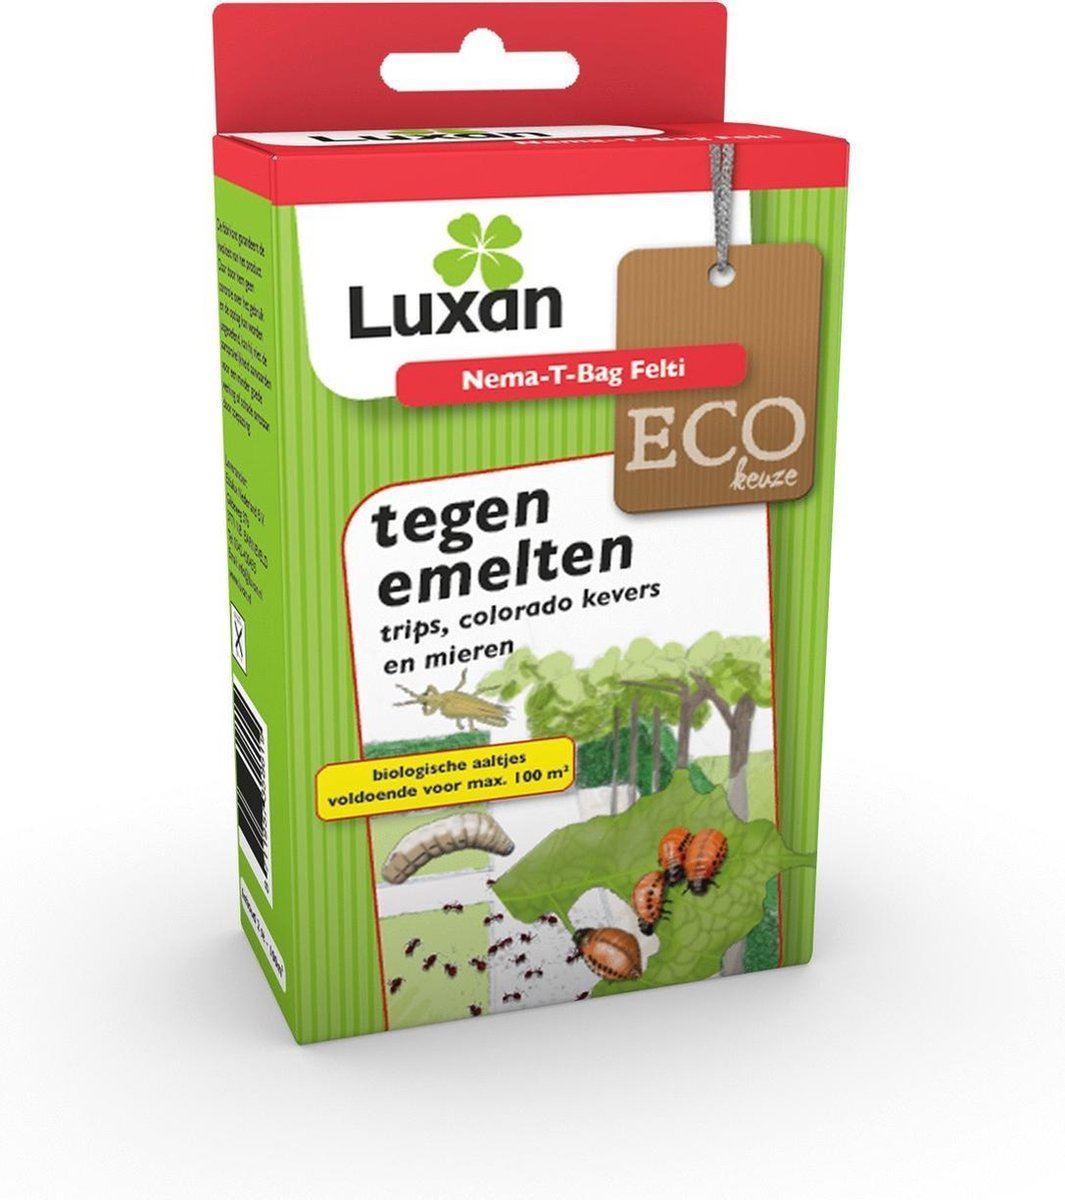 Luxan nematoden emelten felti 1 stuk (max 100 m²)